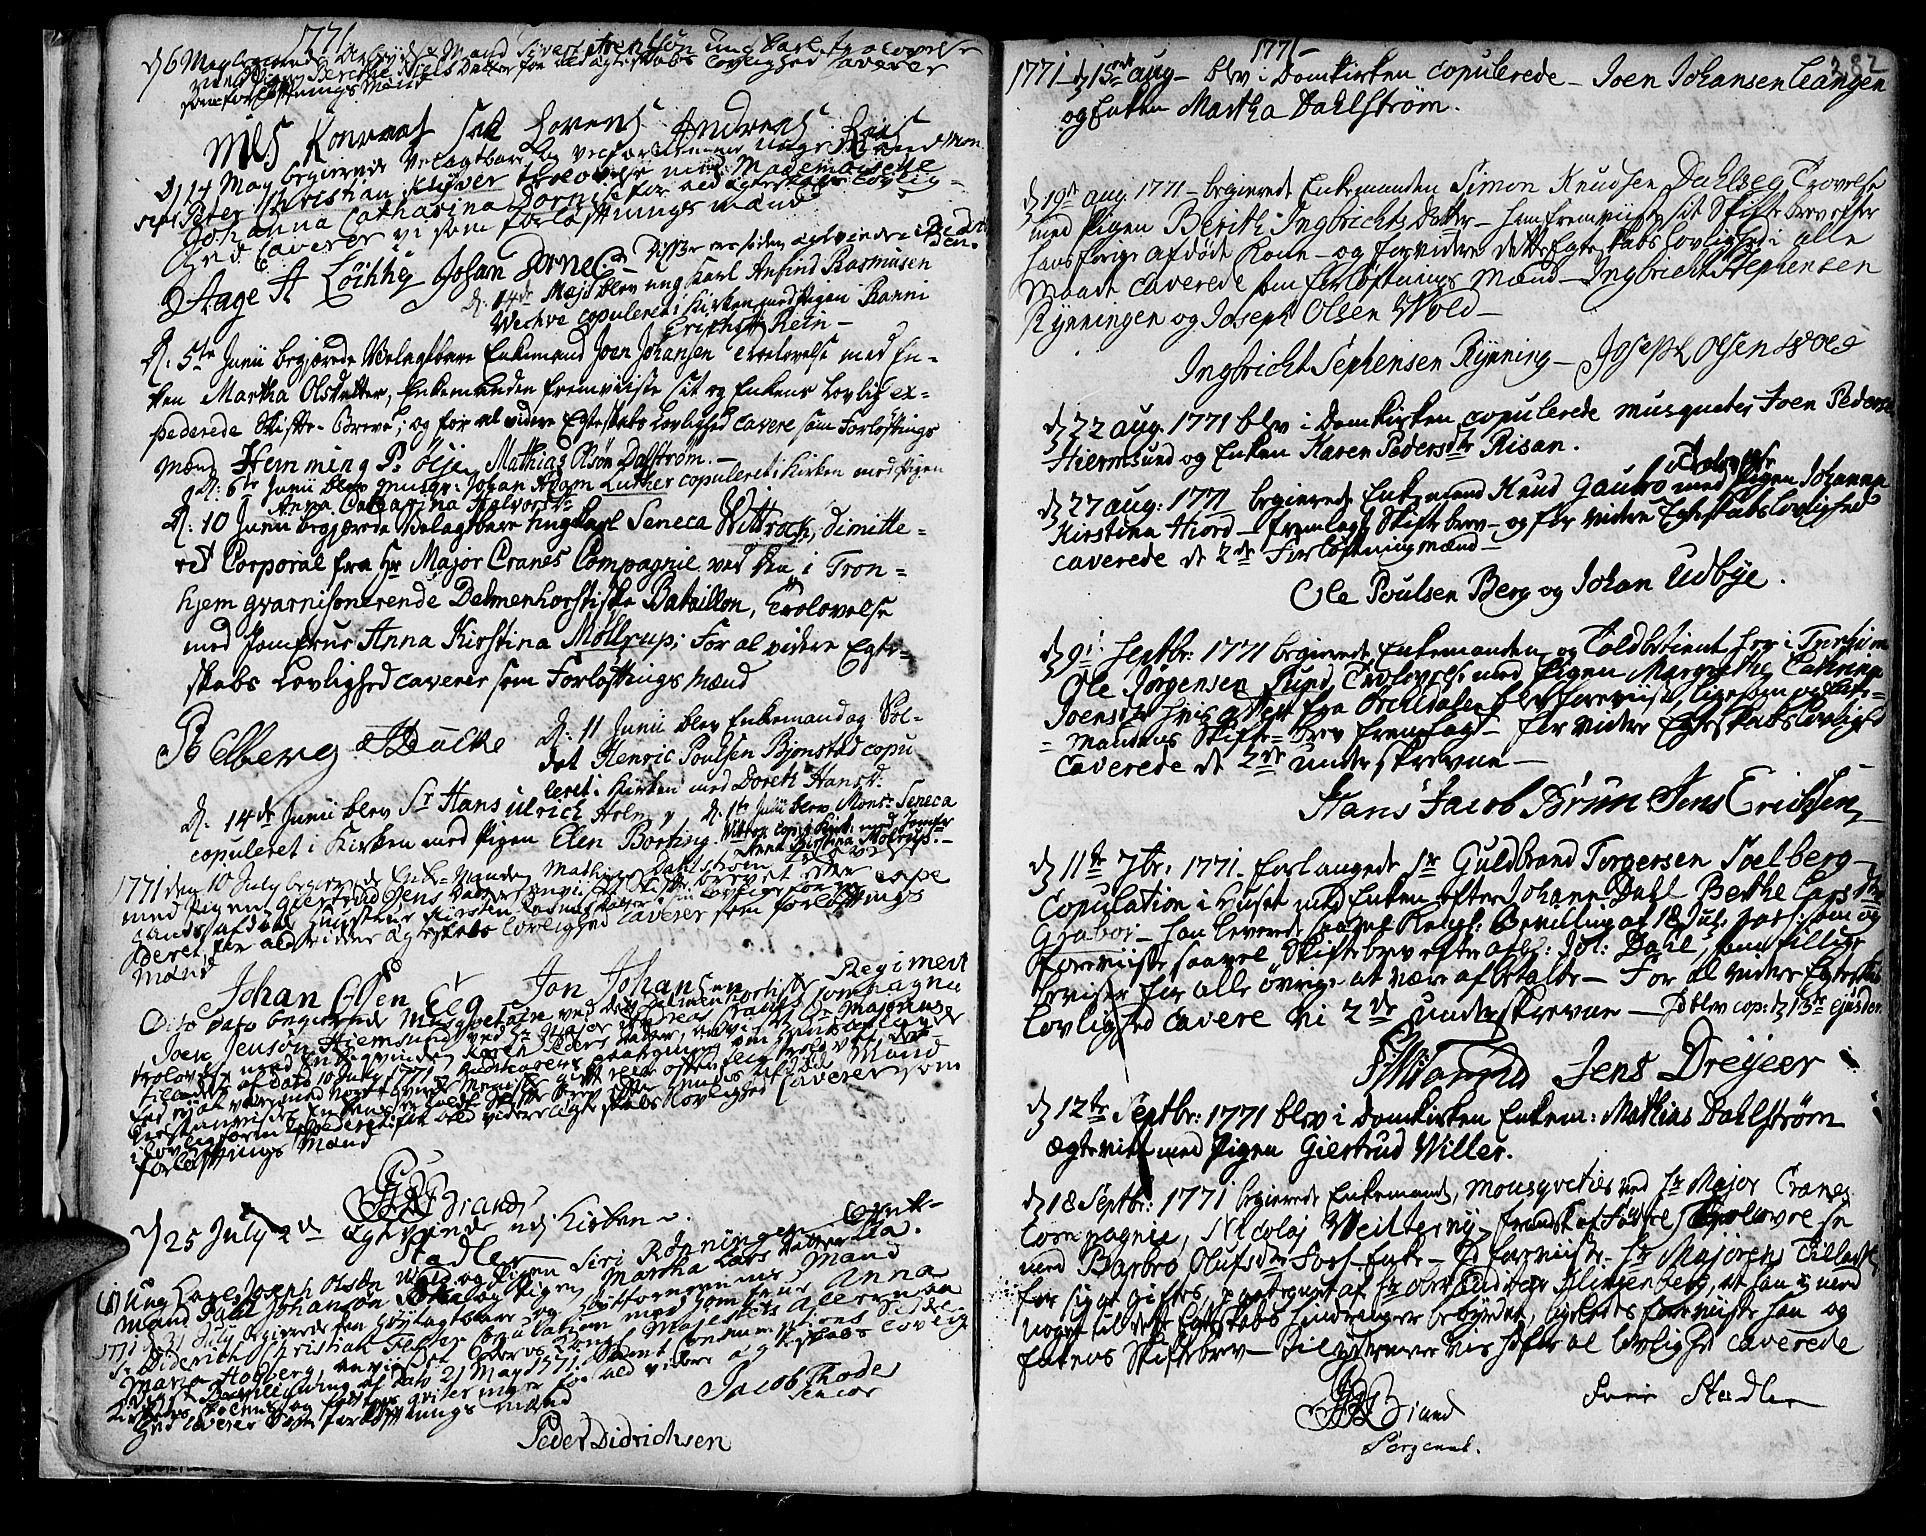 SAT, Ministerialprotokoller, klokkerbøker og fødselsregistre - Sør-Trøndelag, 601/L0038: Ministerialbok nr. 601A06, 1766-1877, s. 282